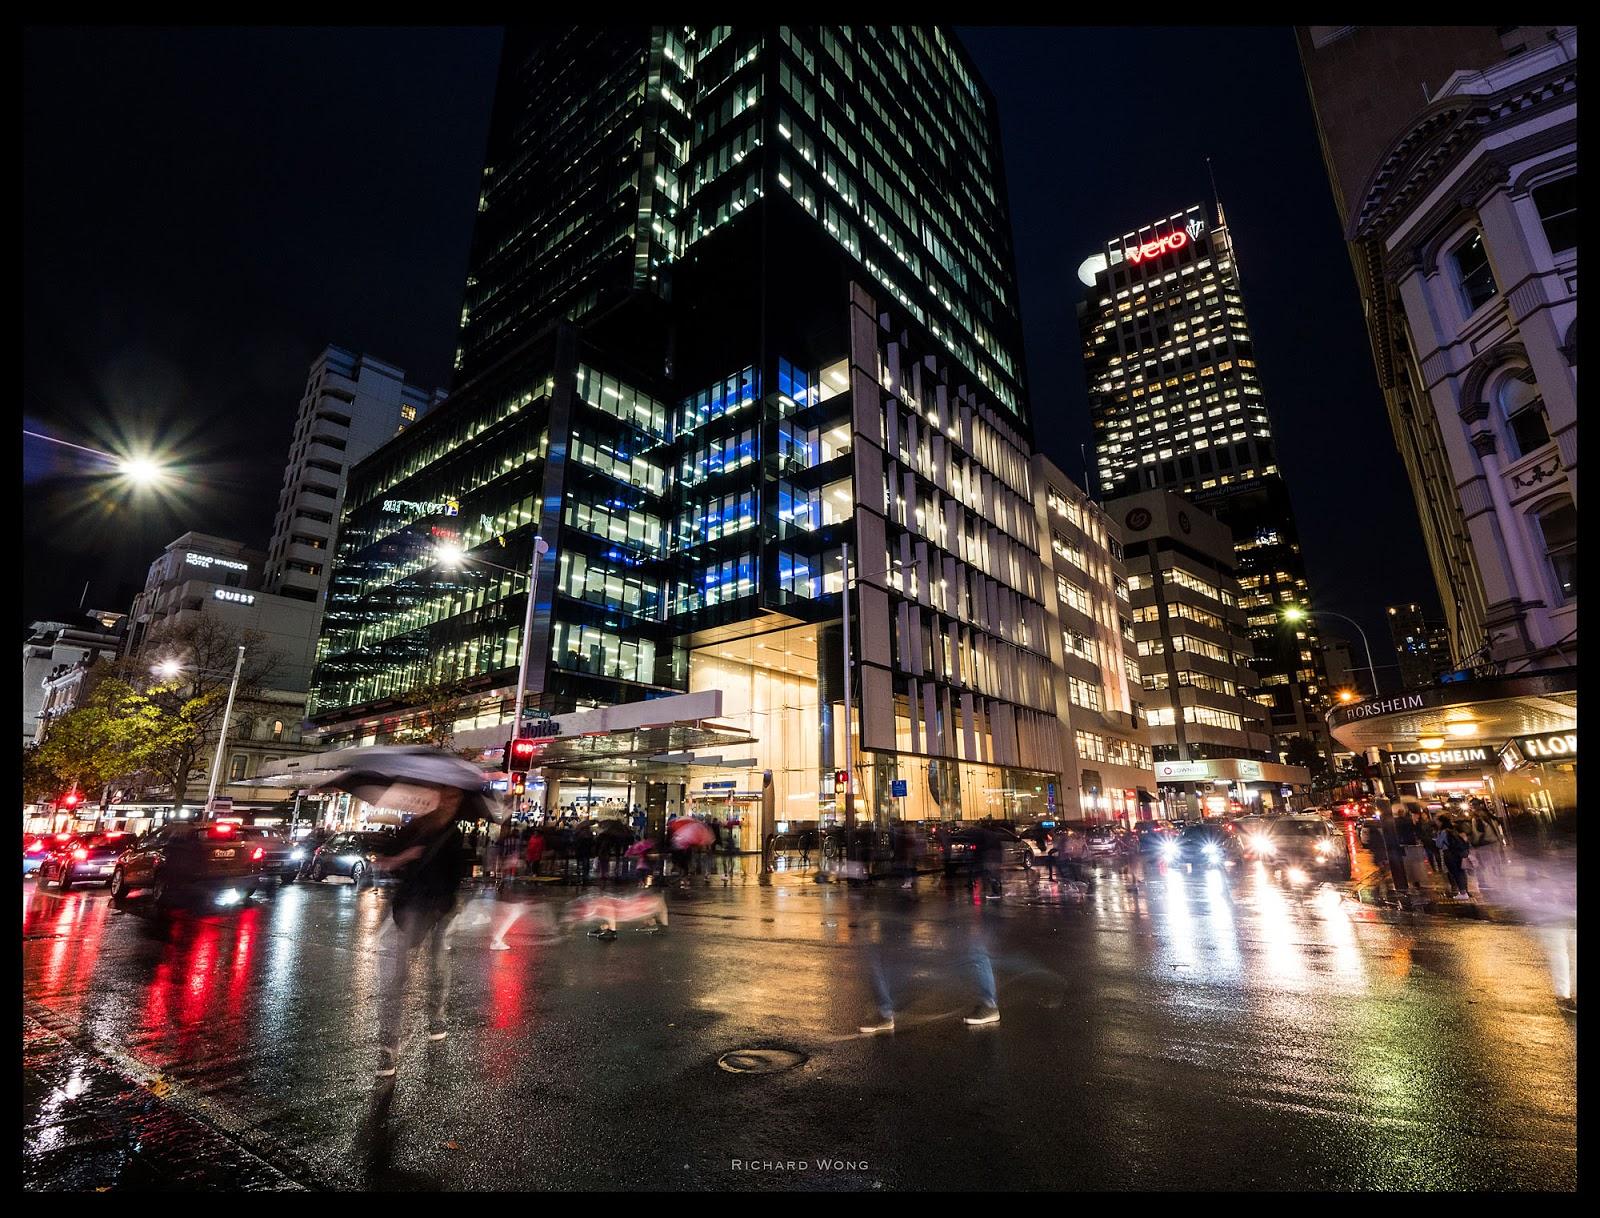 Ночной город после дождя